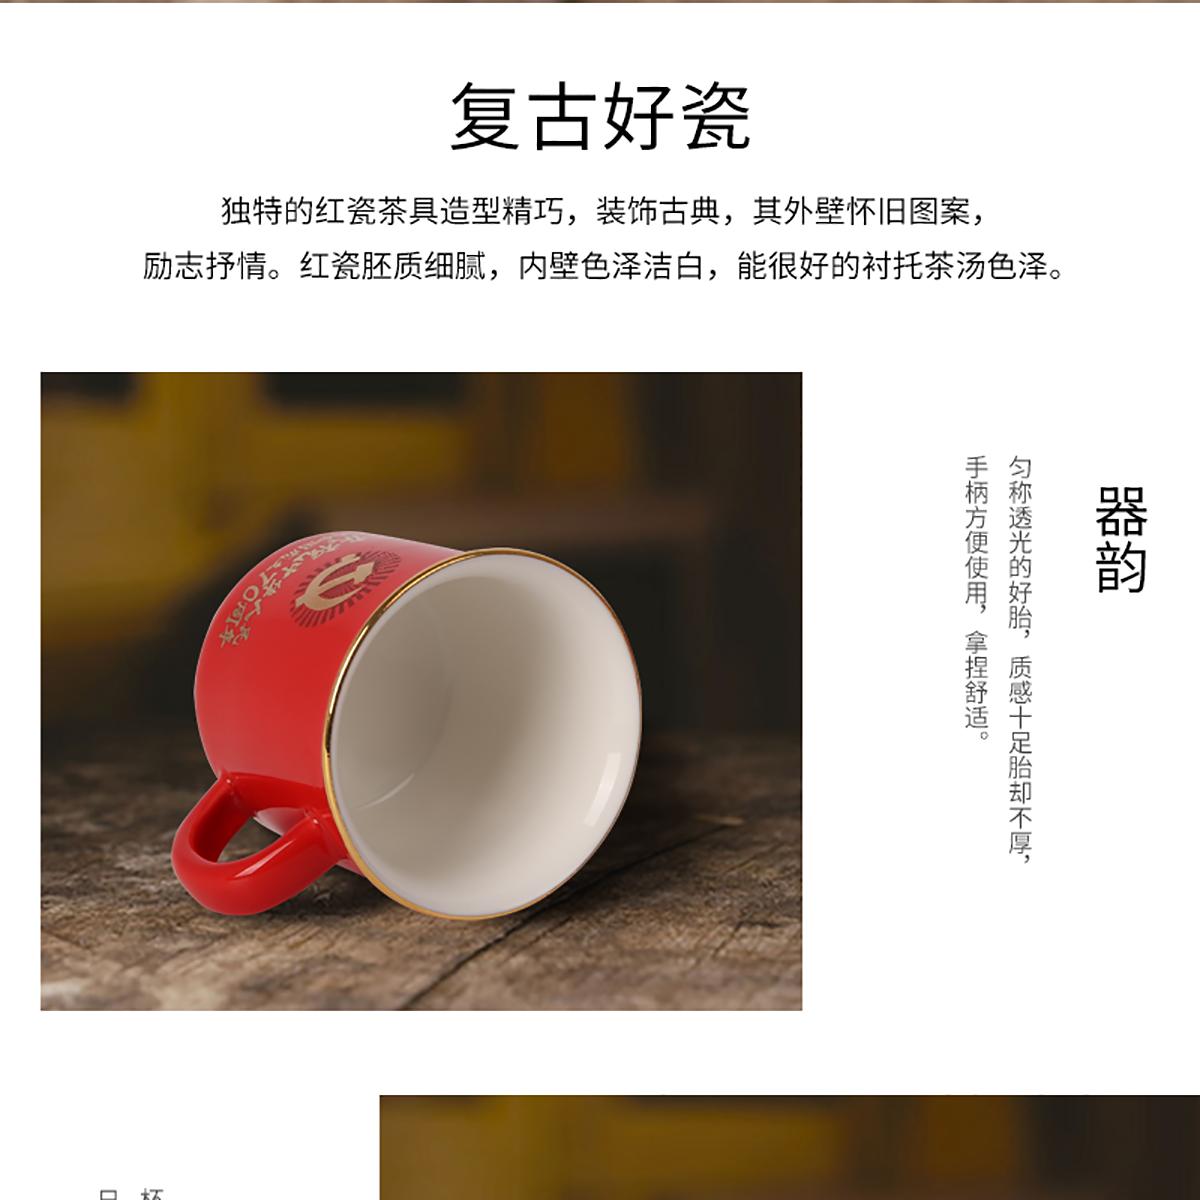 茶杯_03.png